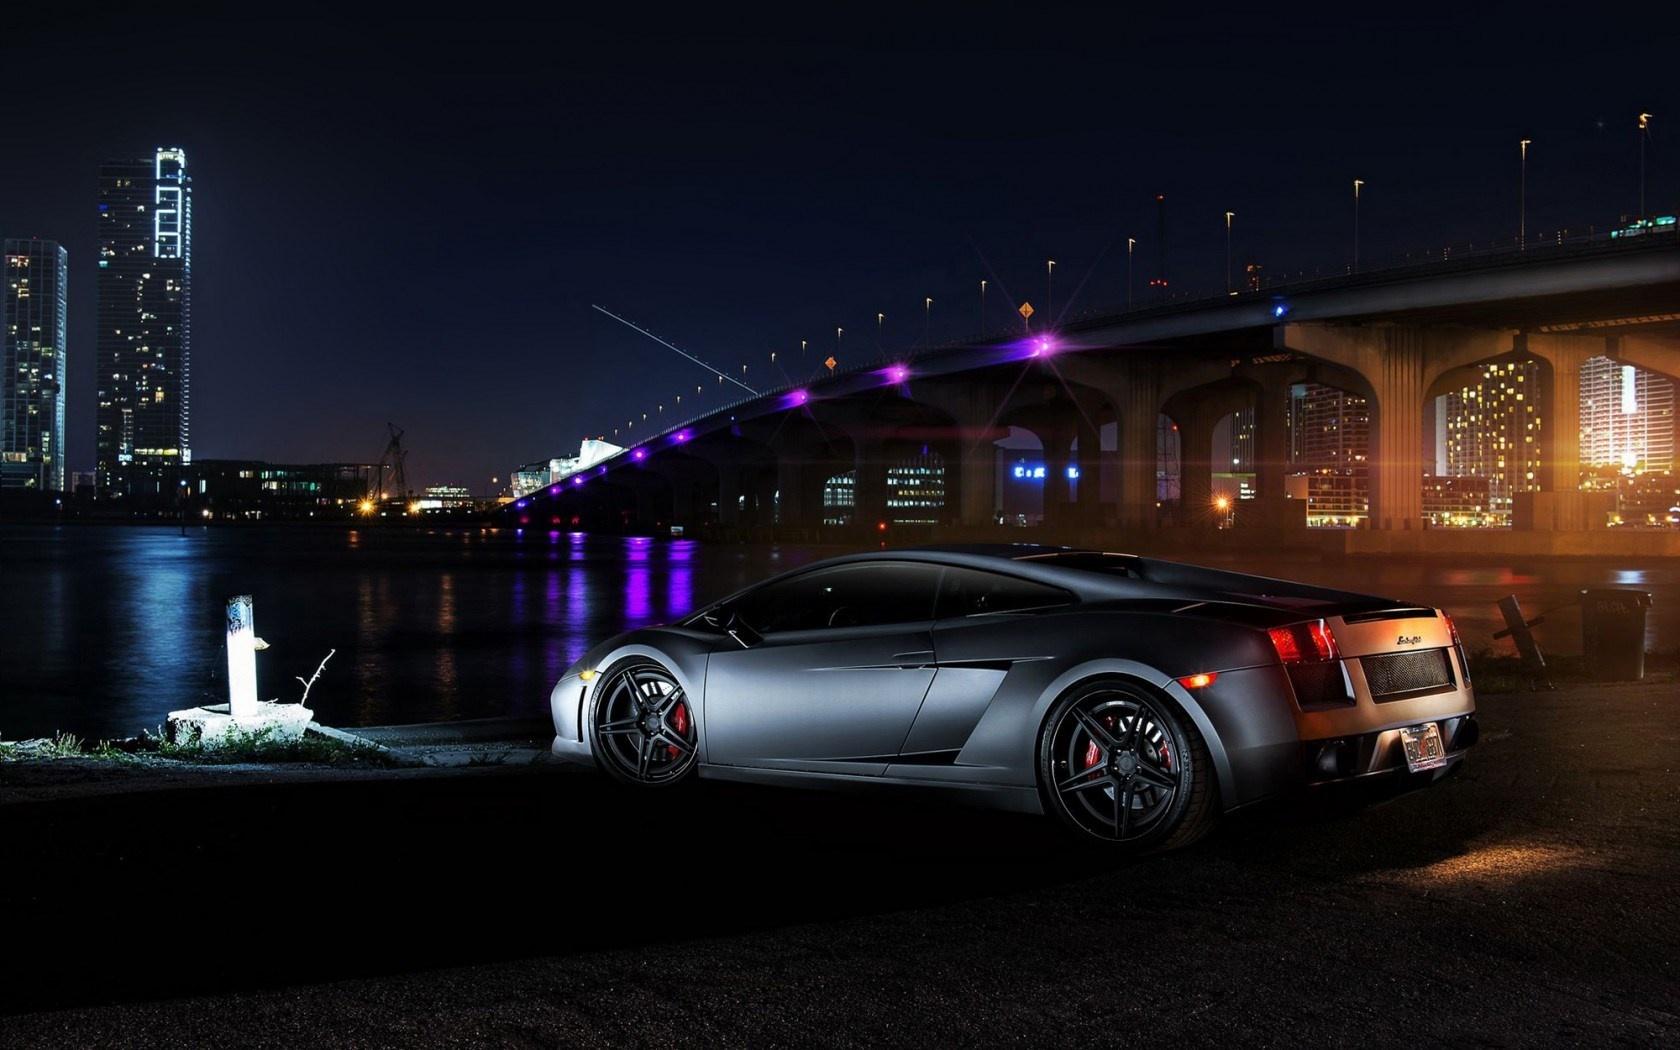 ماشین Lamborghini Gallardo روی پل و چراغ